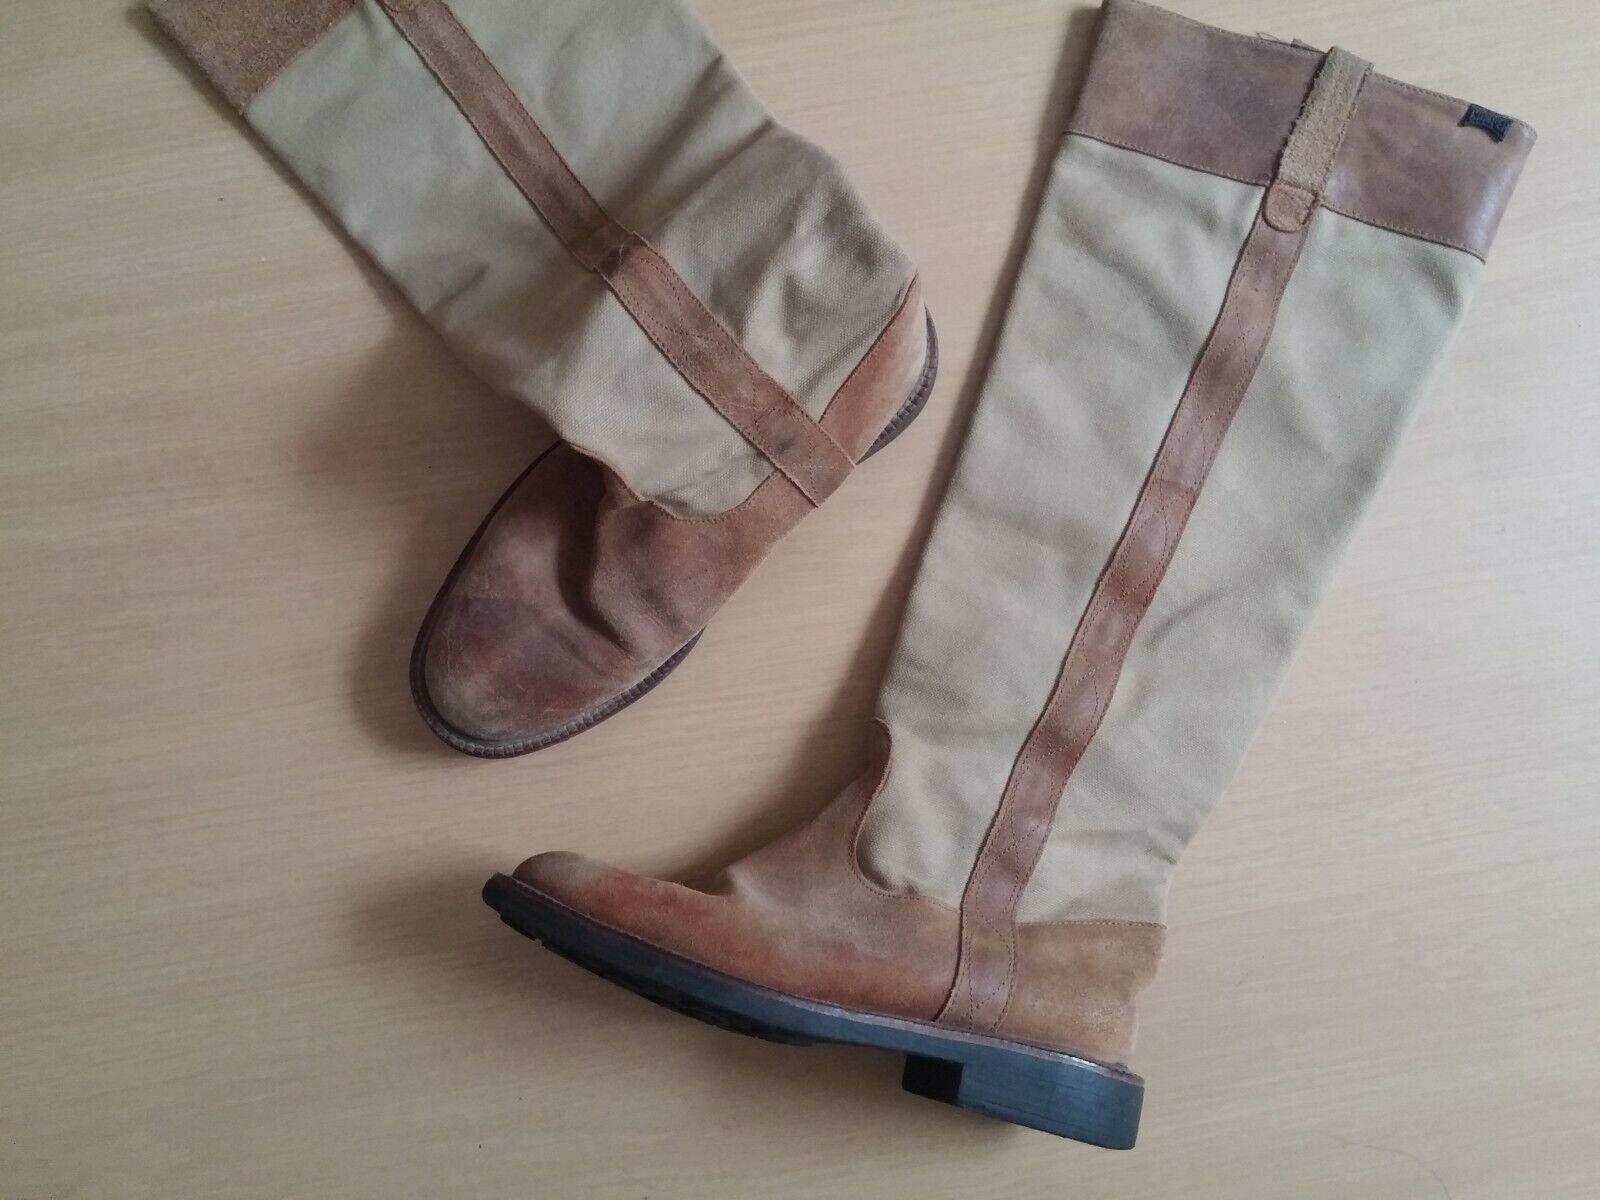 Damen Schuhe Sommer Stiefel CAMPER CAMPER CAMPER Gr 38 cognac braun Echtleder  sehr gefragt sein